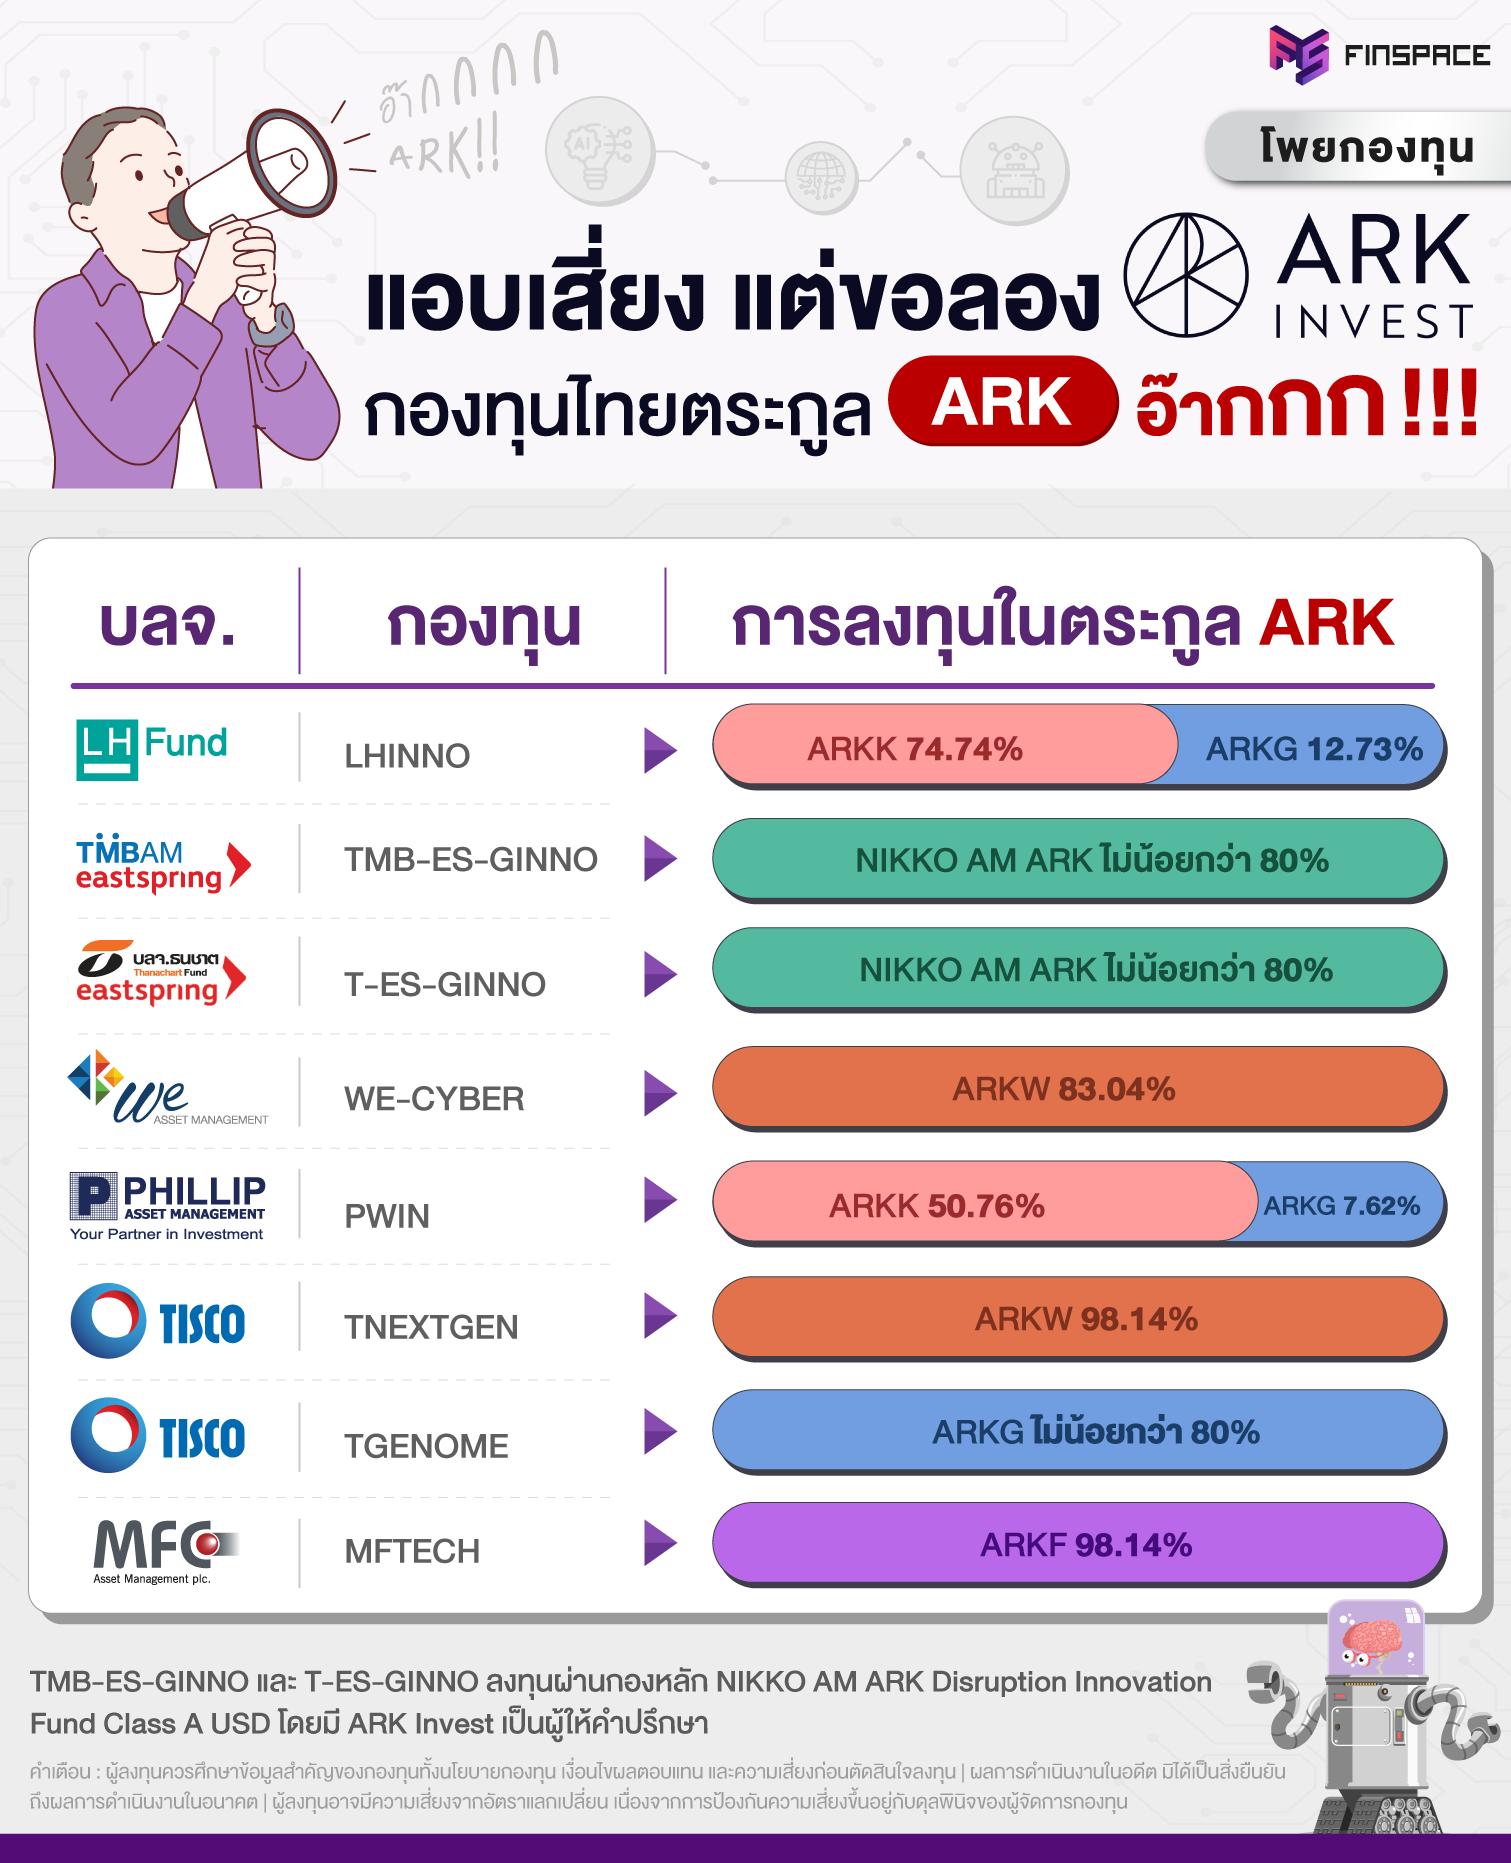 กองทุน Ark มีอะไรบ้าง